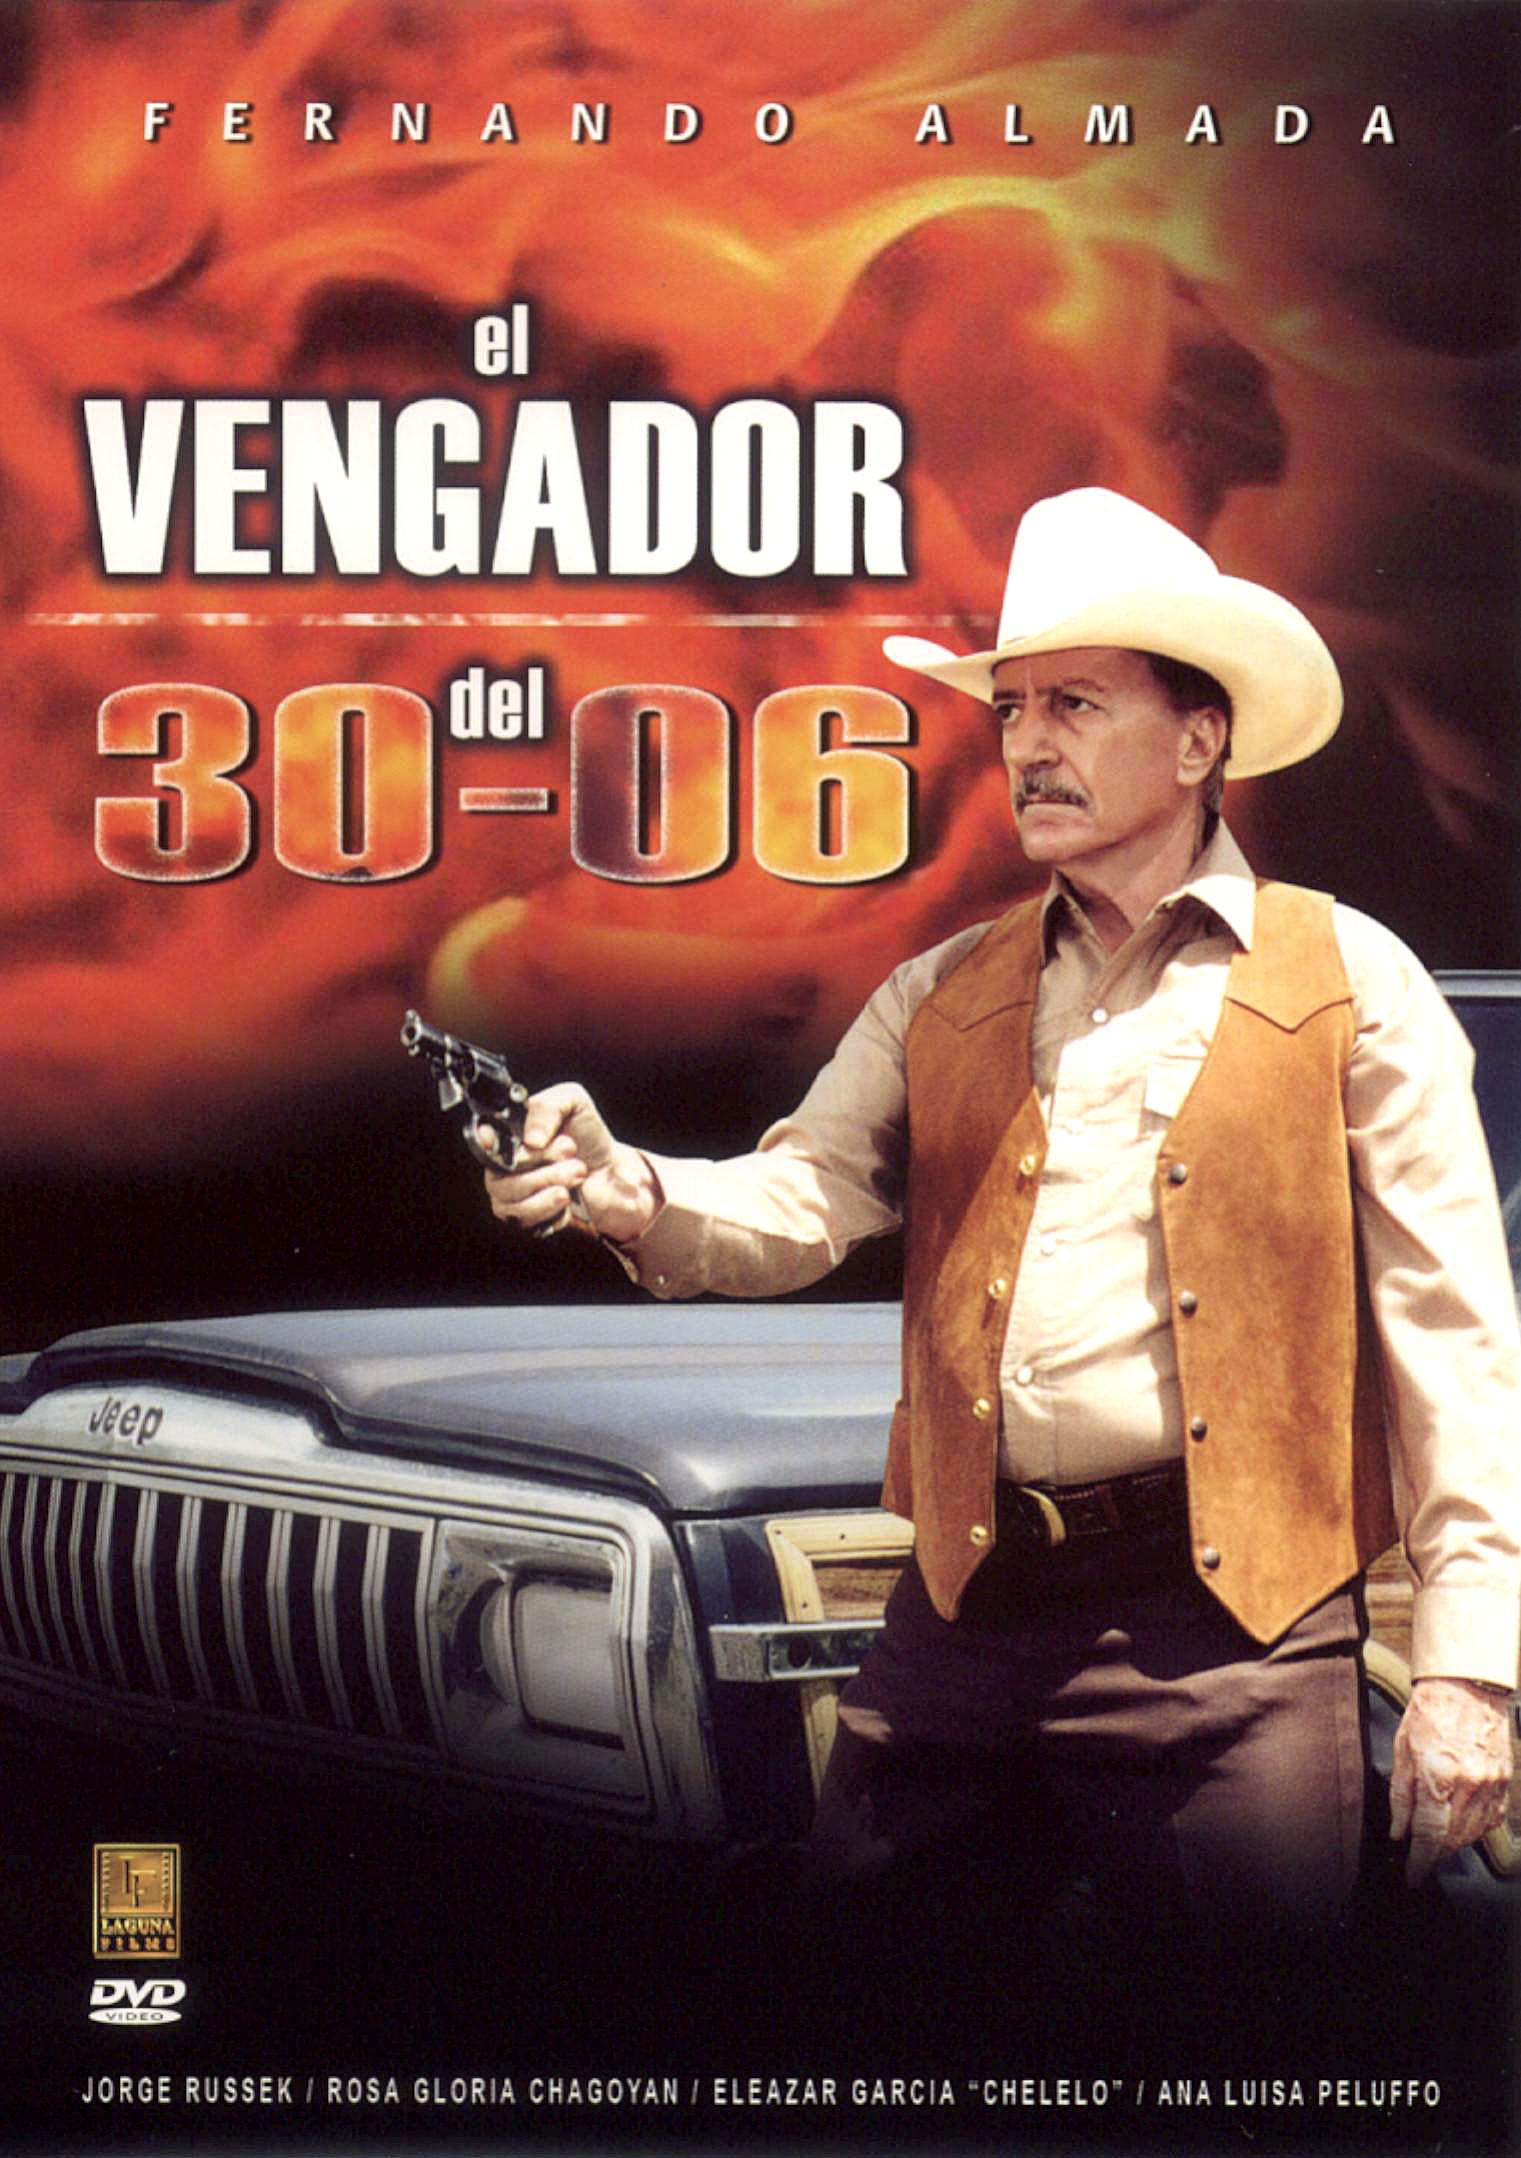 El Vengador del 30-06